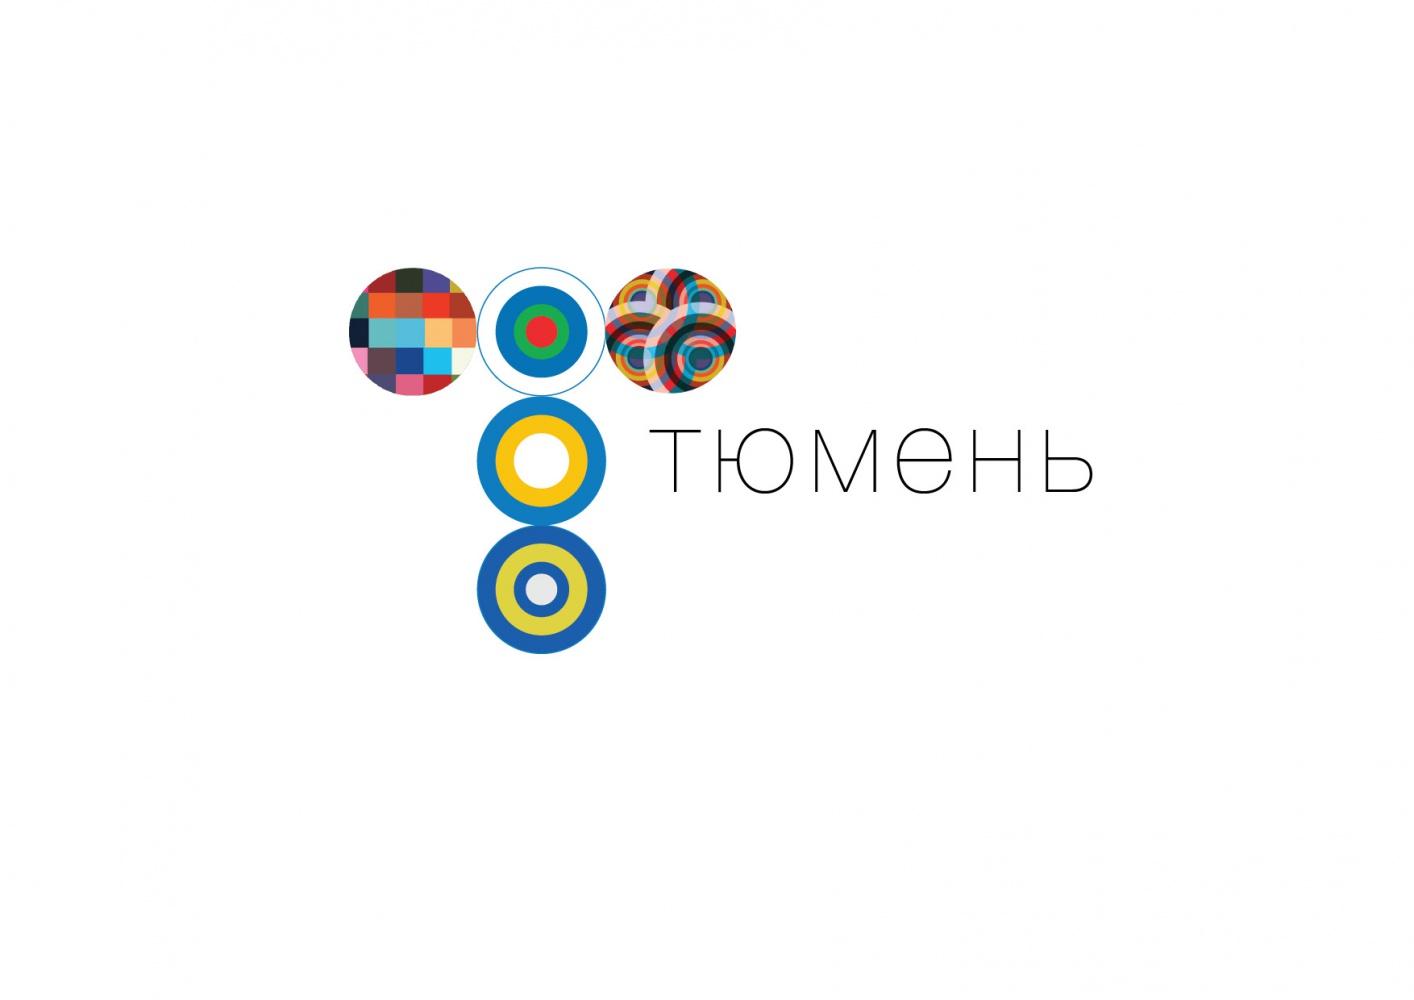 13 Вариант 2. Визуальный стиль Тюмени 2011 г. Т - Тюмень. Руководитель Николай Пискулин